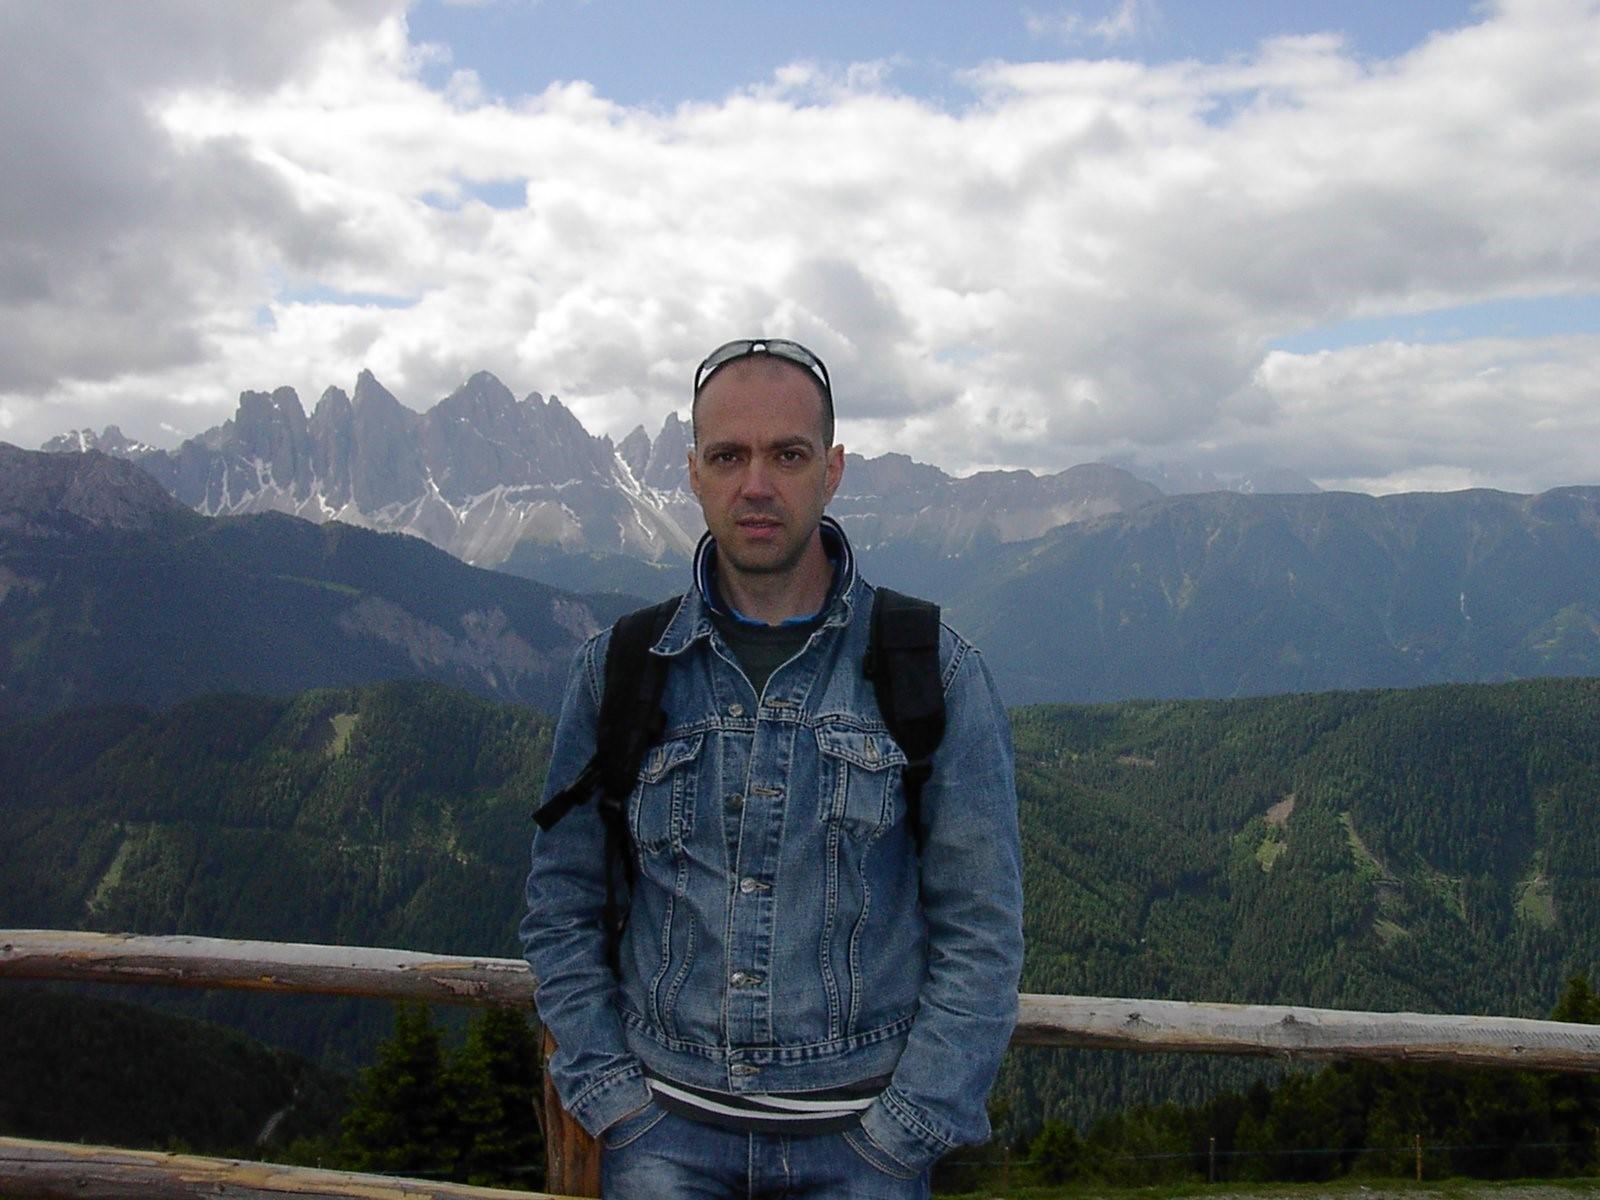 Luca Matteo Torzulli